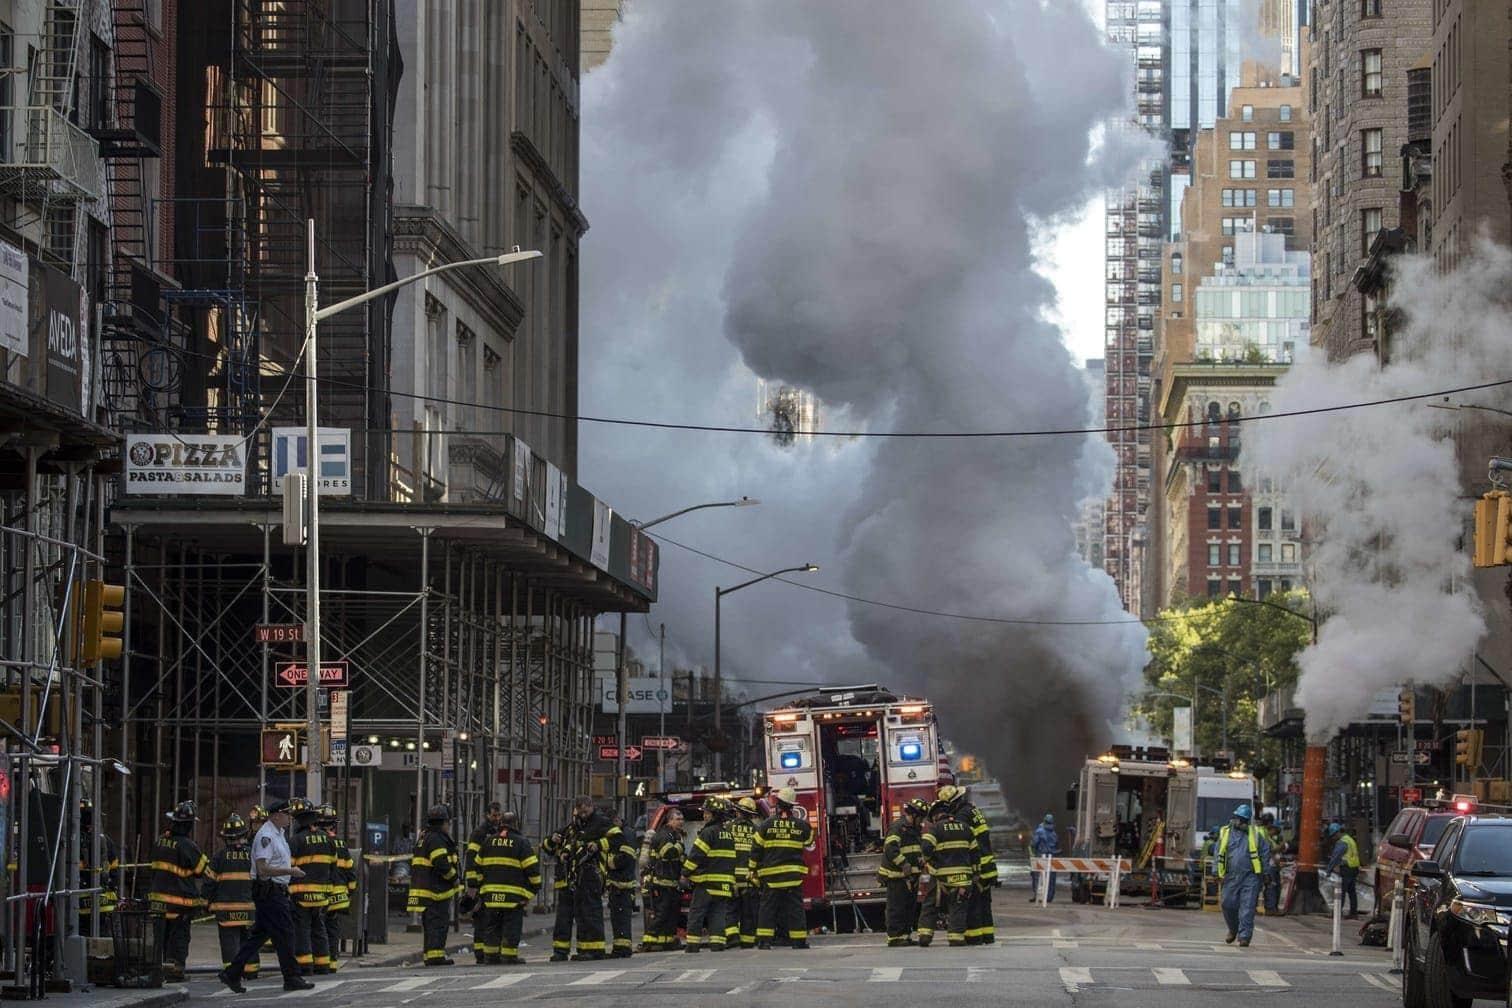 <p>Die Dampfleitung sei am Donnerstagmorgen aus zunächst unbekannter Ursache explodiert